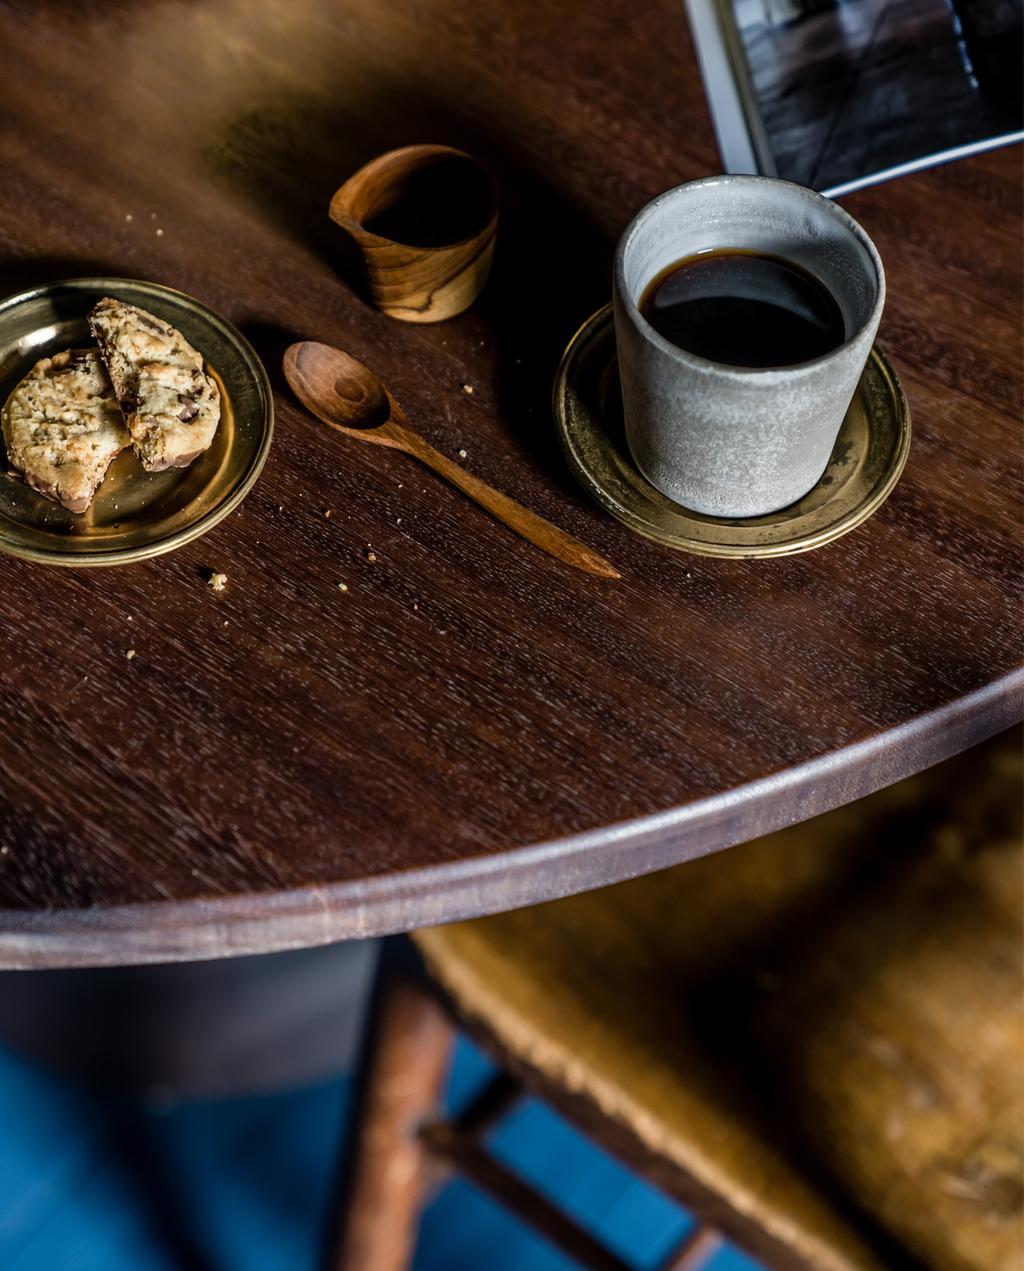 vtwonen 10-2020 | tafel met servies en mok